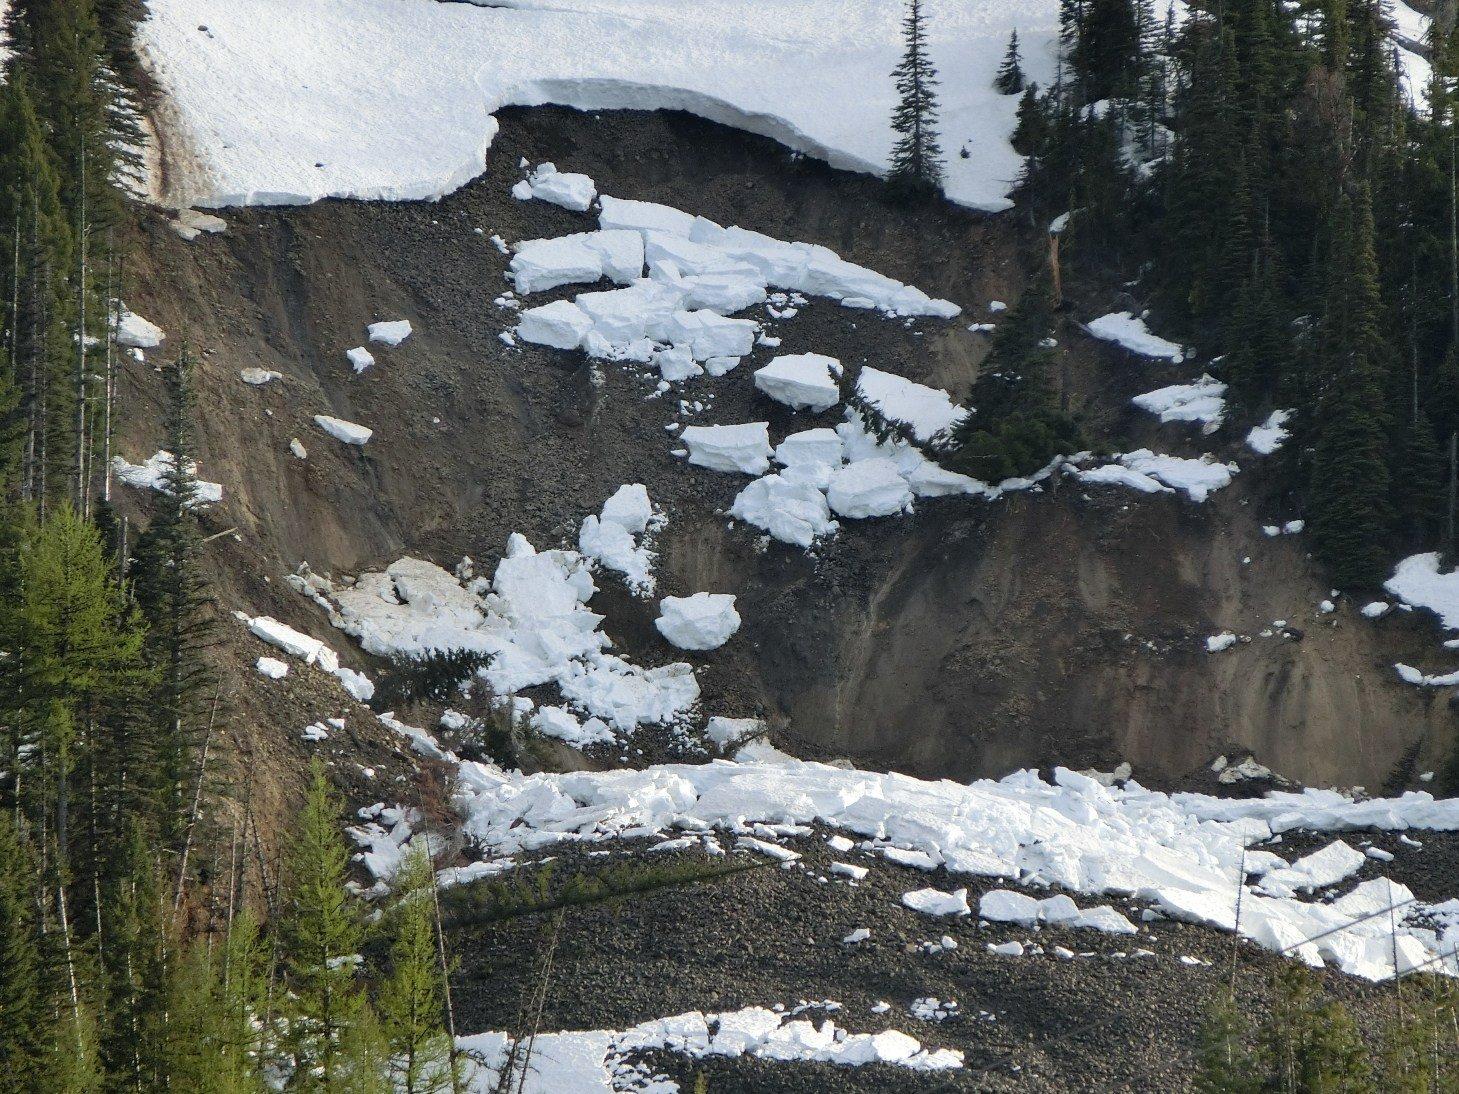 Landslide at Mission Ridge